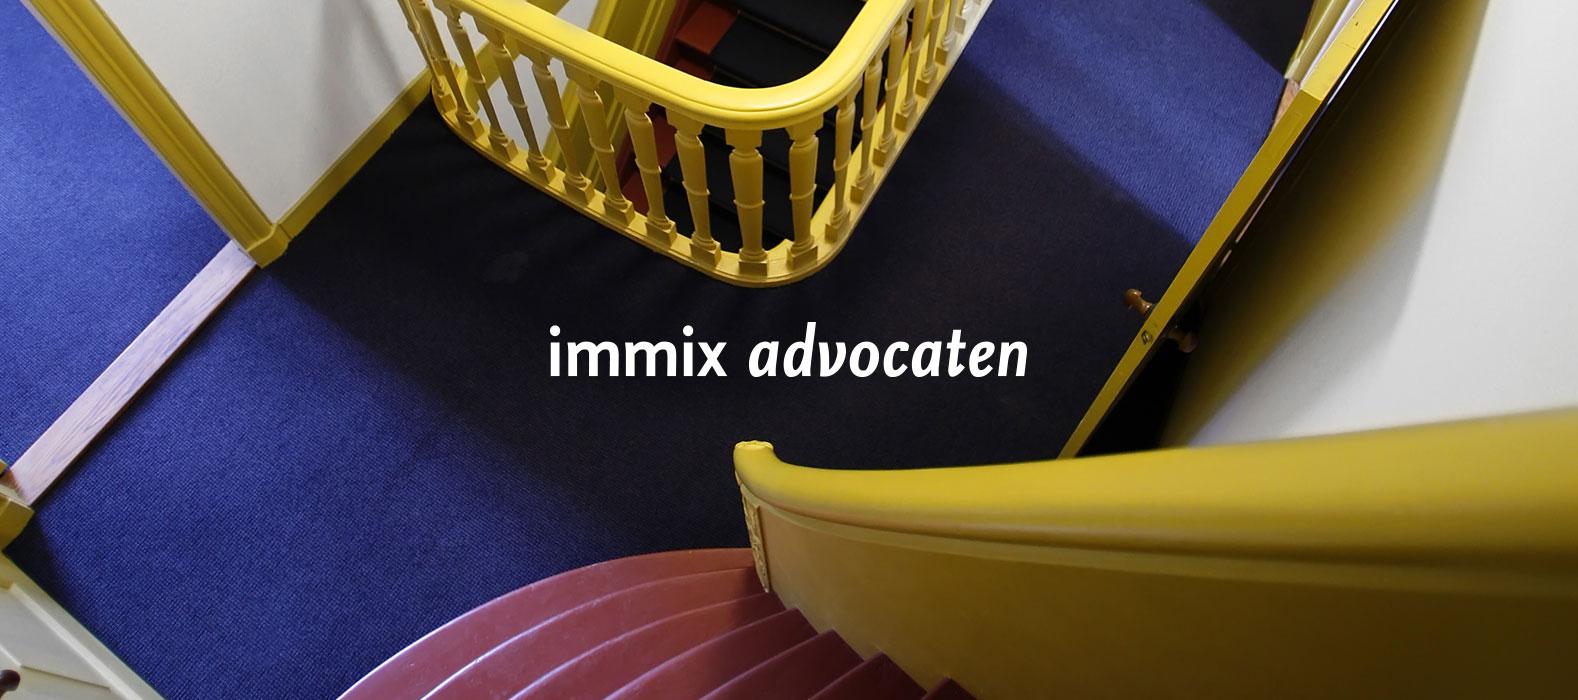 Een fraai plaatje bij Immix advocaten